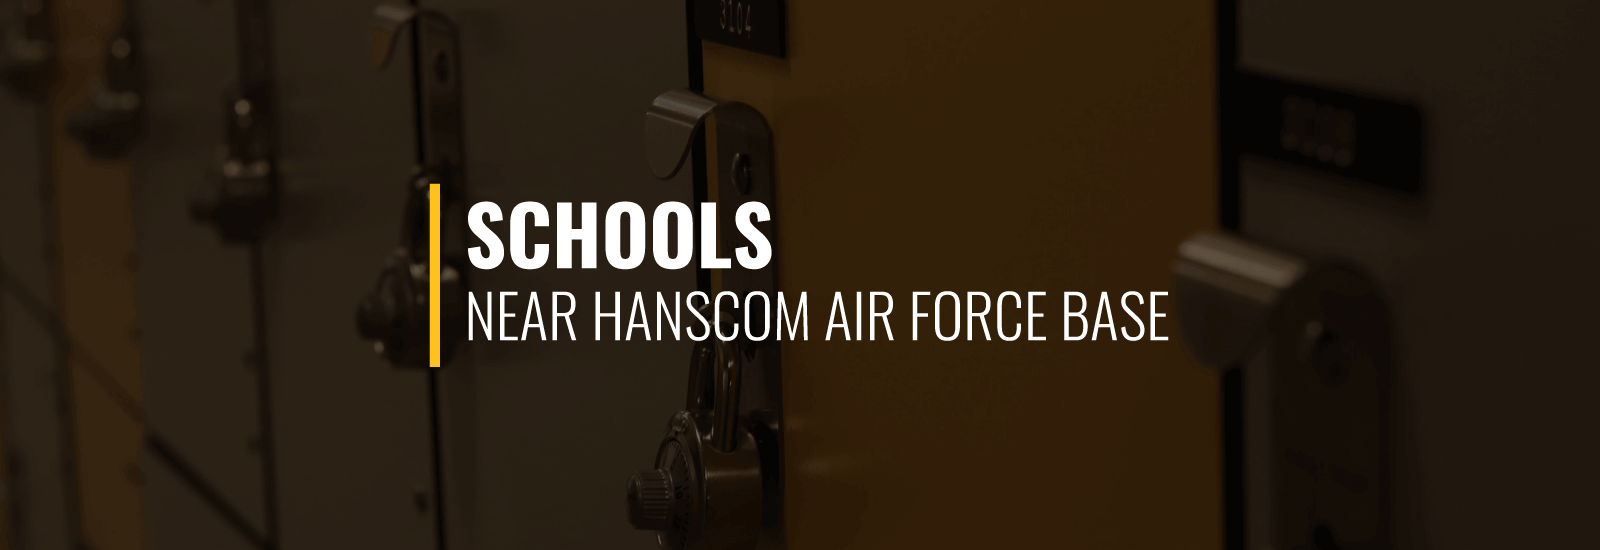 Hanscom AFB Schools